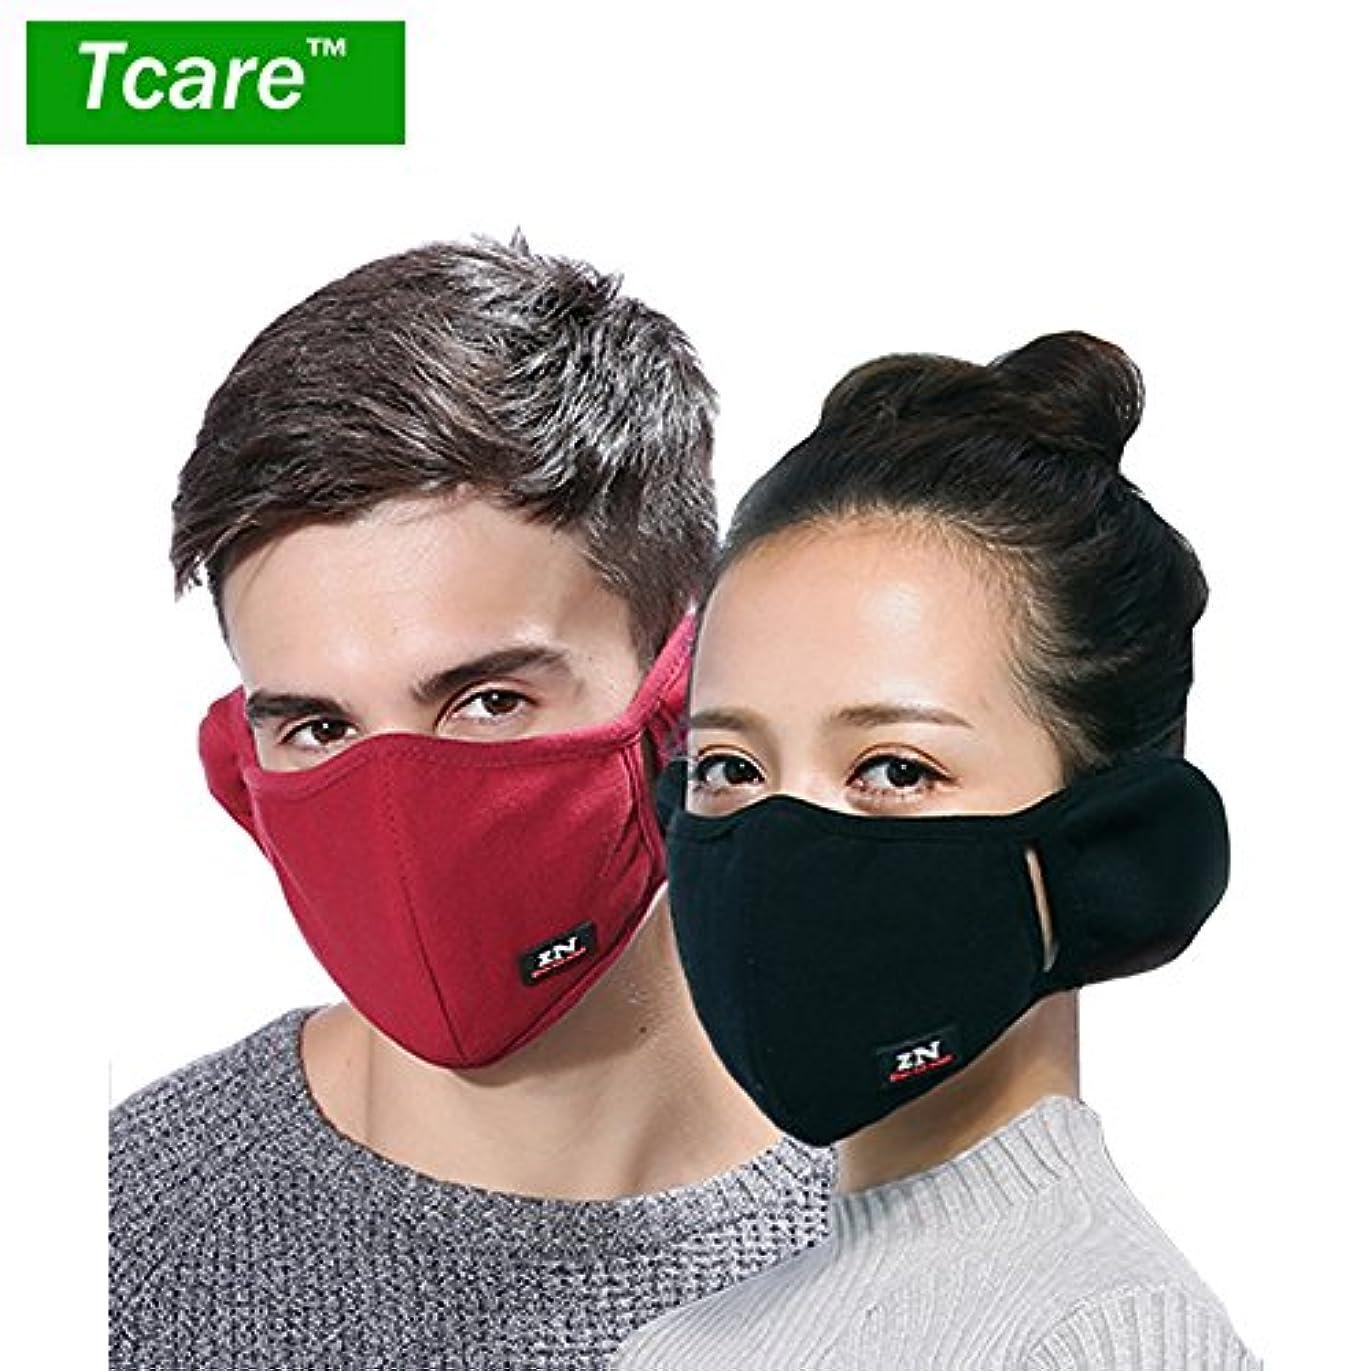 非武装化策定する不潔男性女性の少年少女のためのTcare呼吸器2レイヤピュアコットン保護フィルター挿入口:1レッド